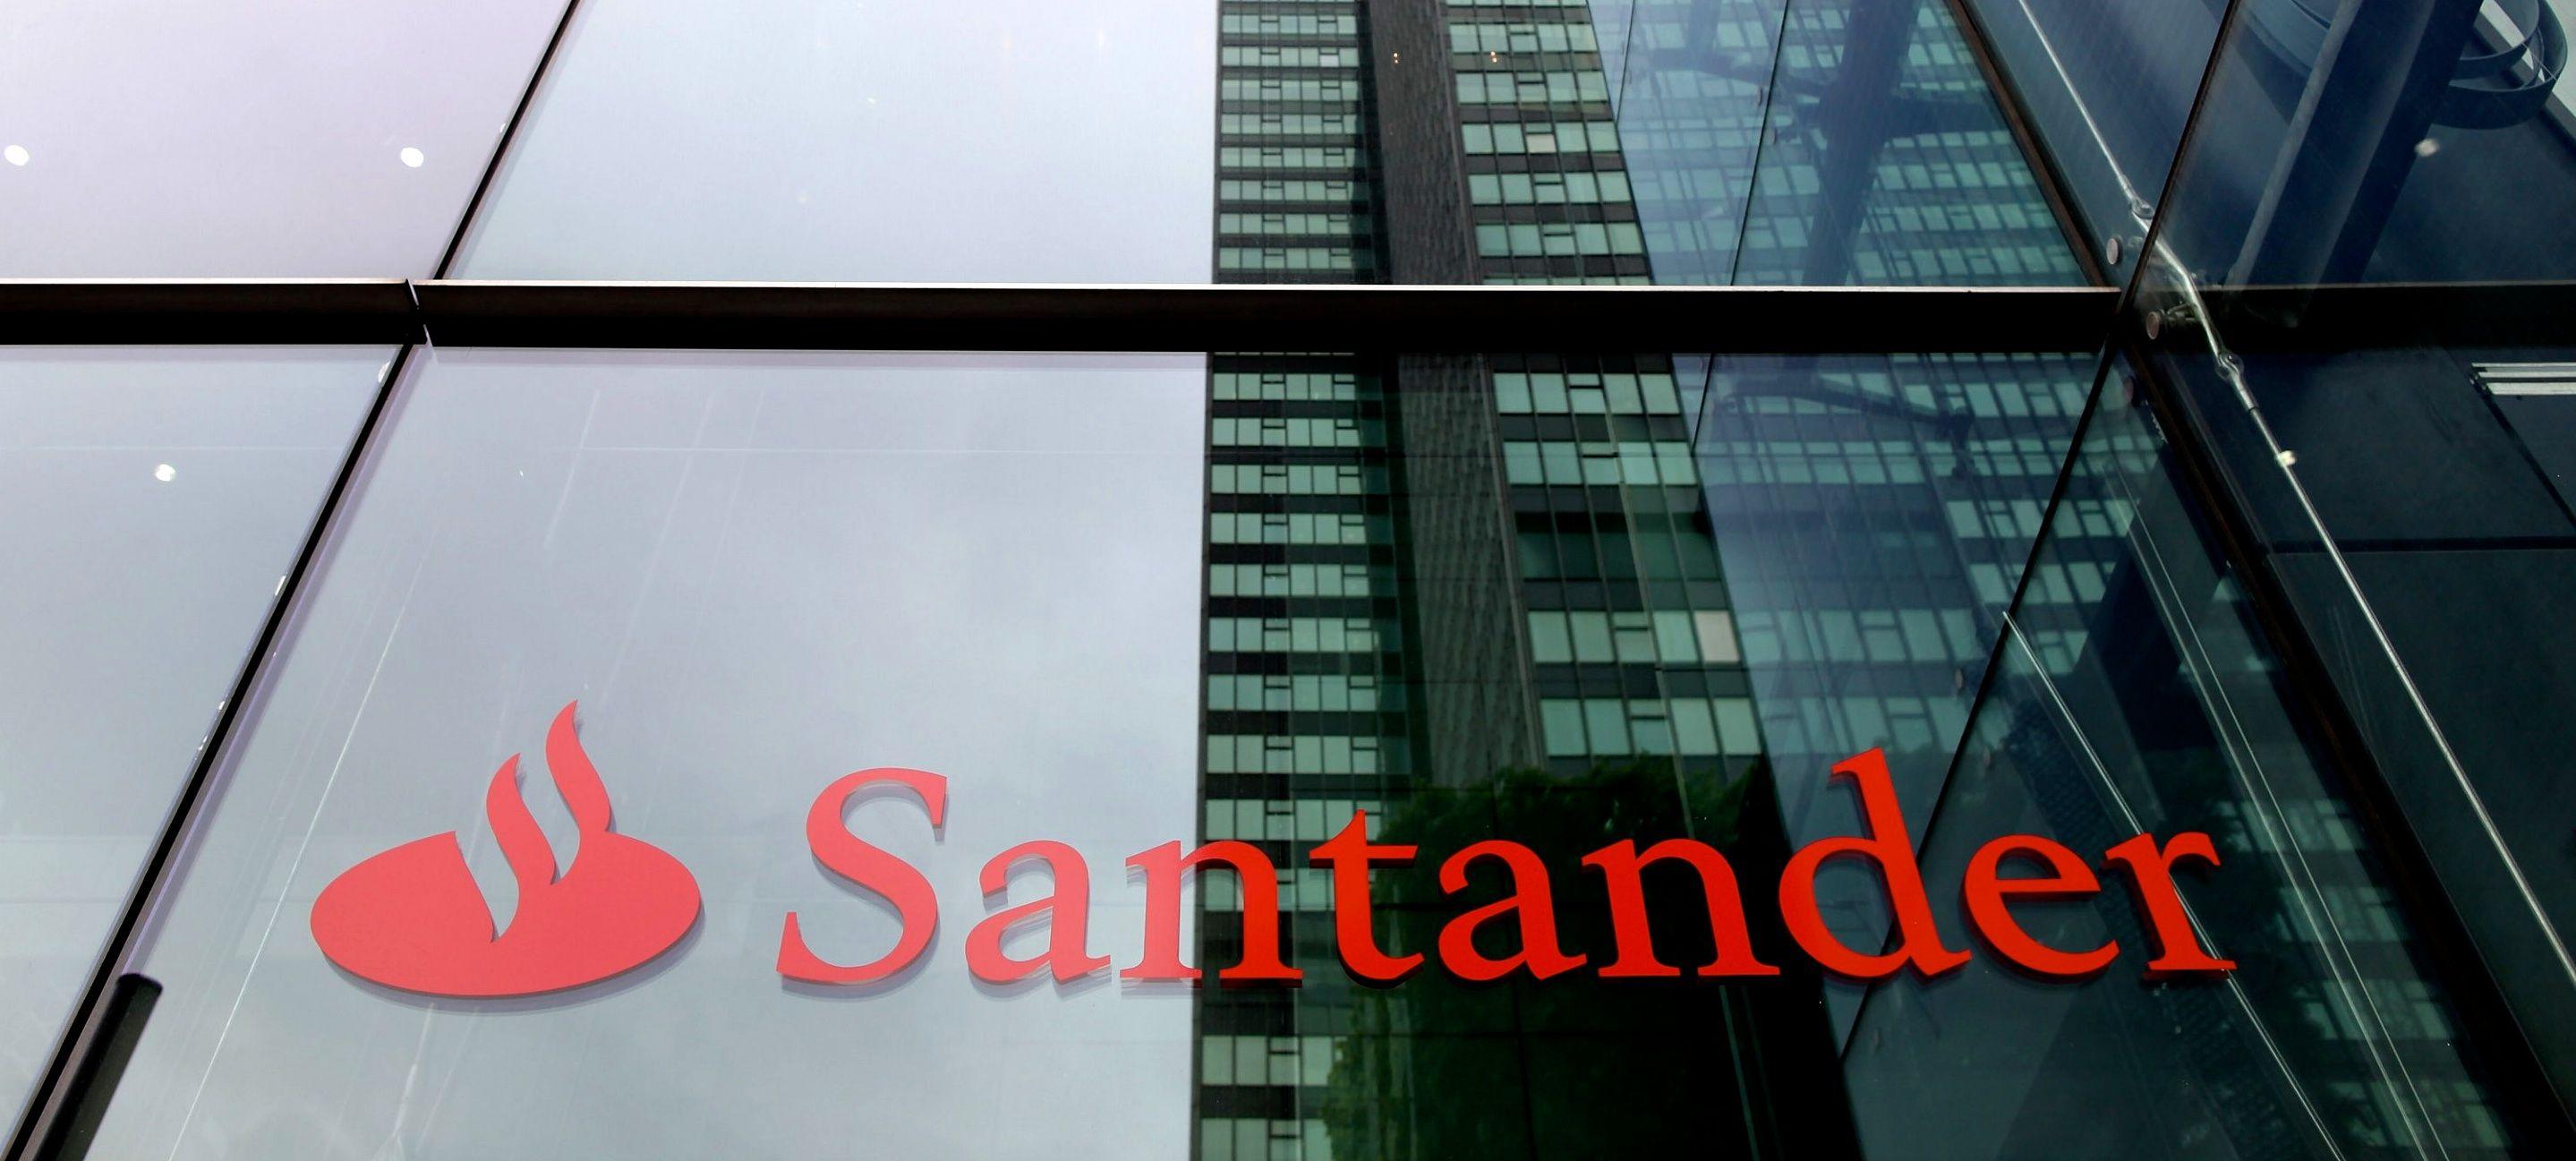 Banco santander banqueando for Localizador oficinas santander